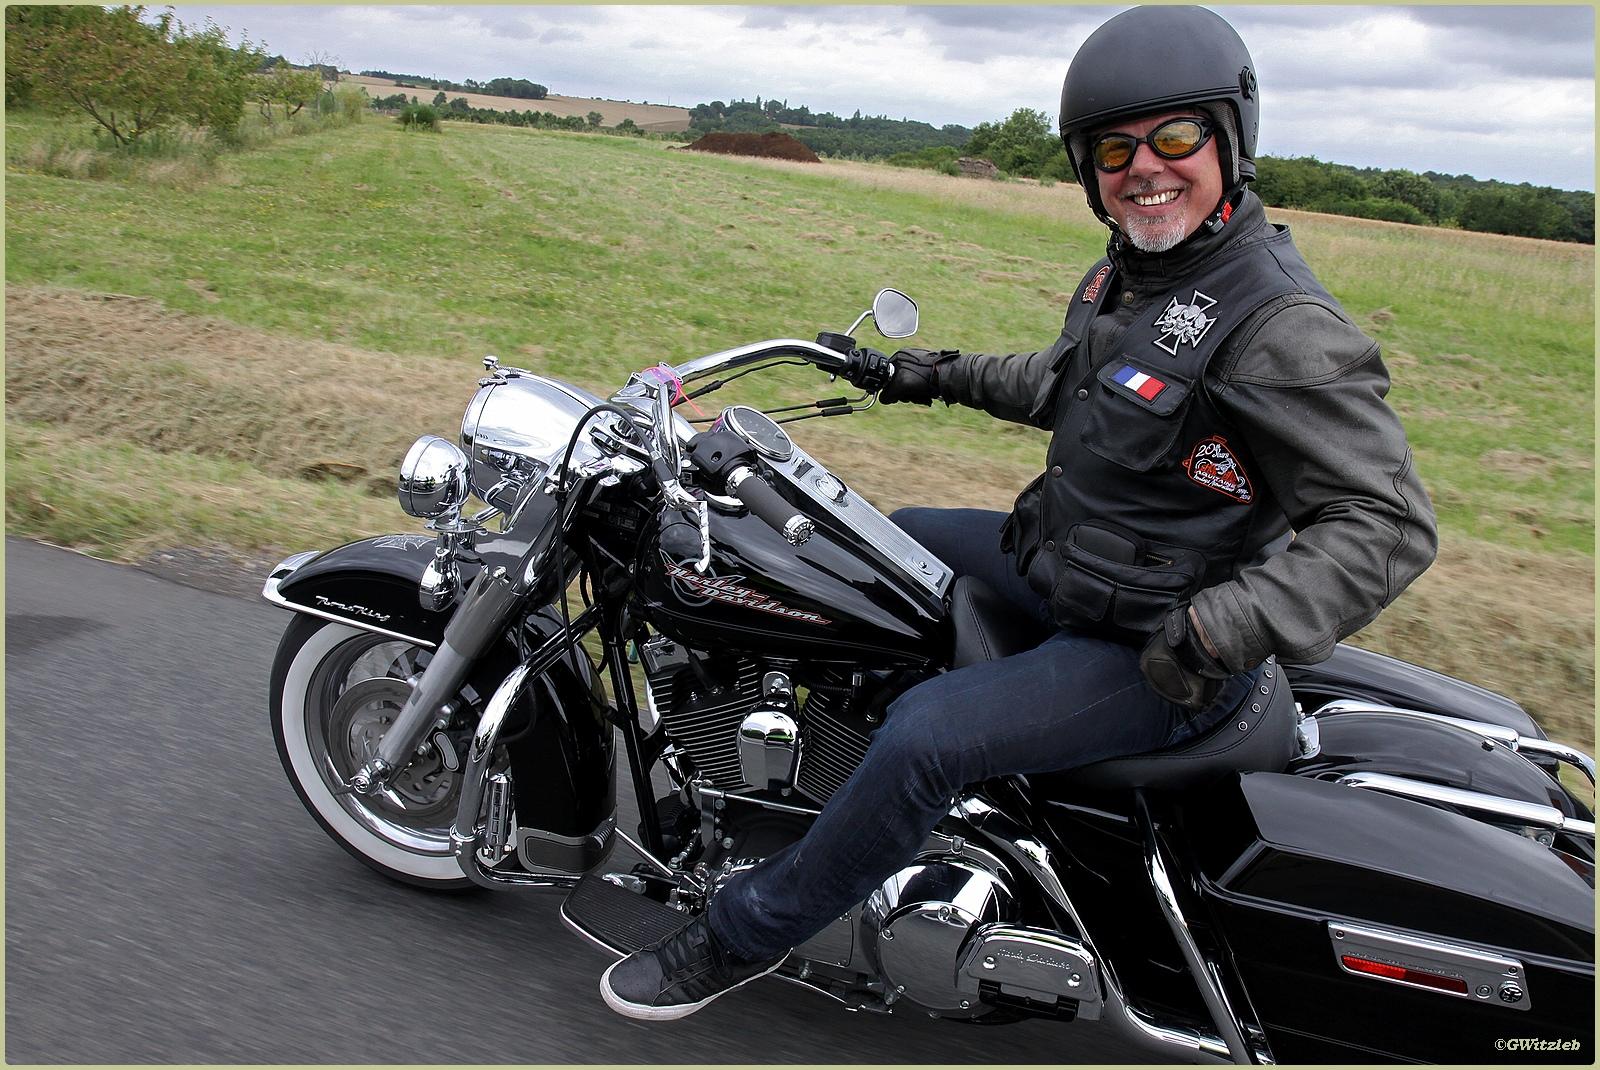 Rencontre motard gratuit